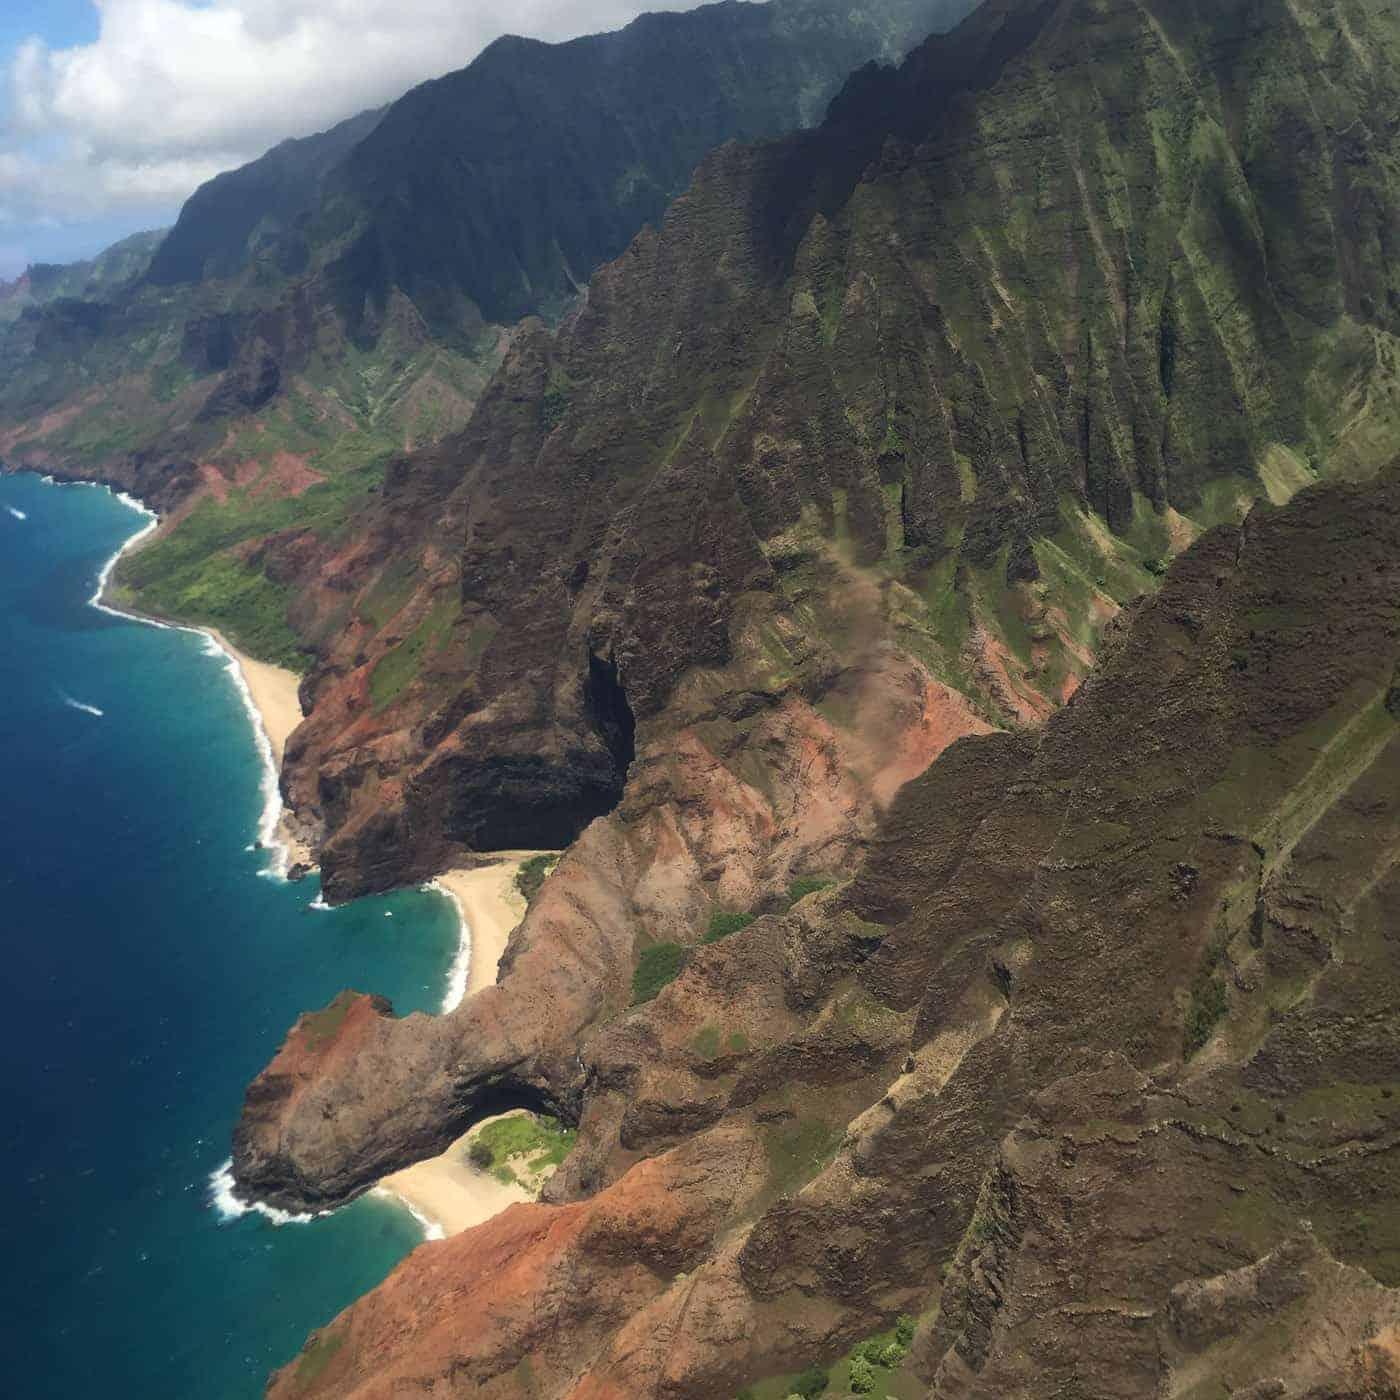 Where to eat in kauai